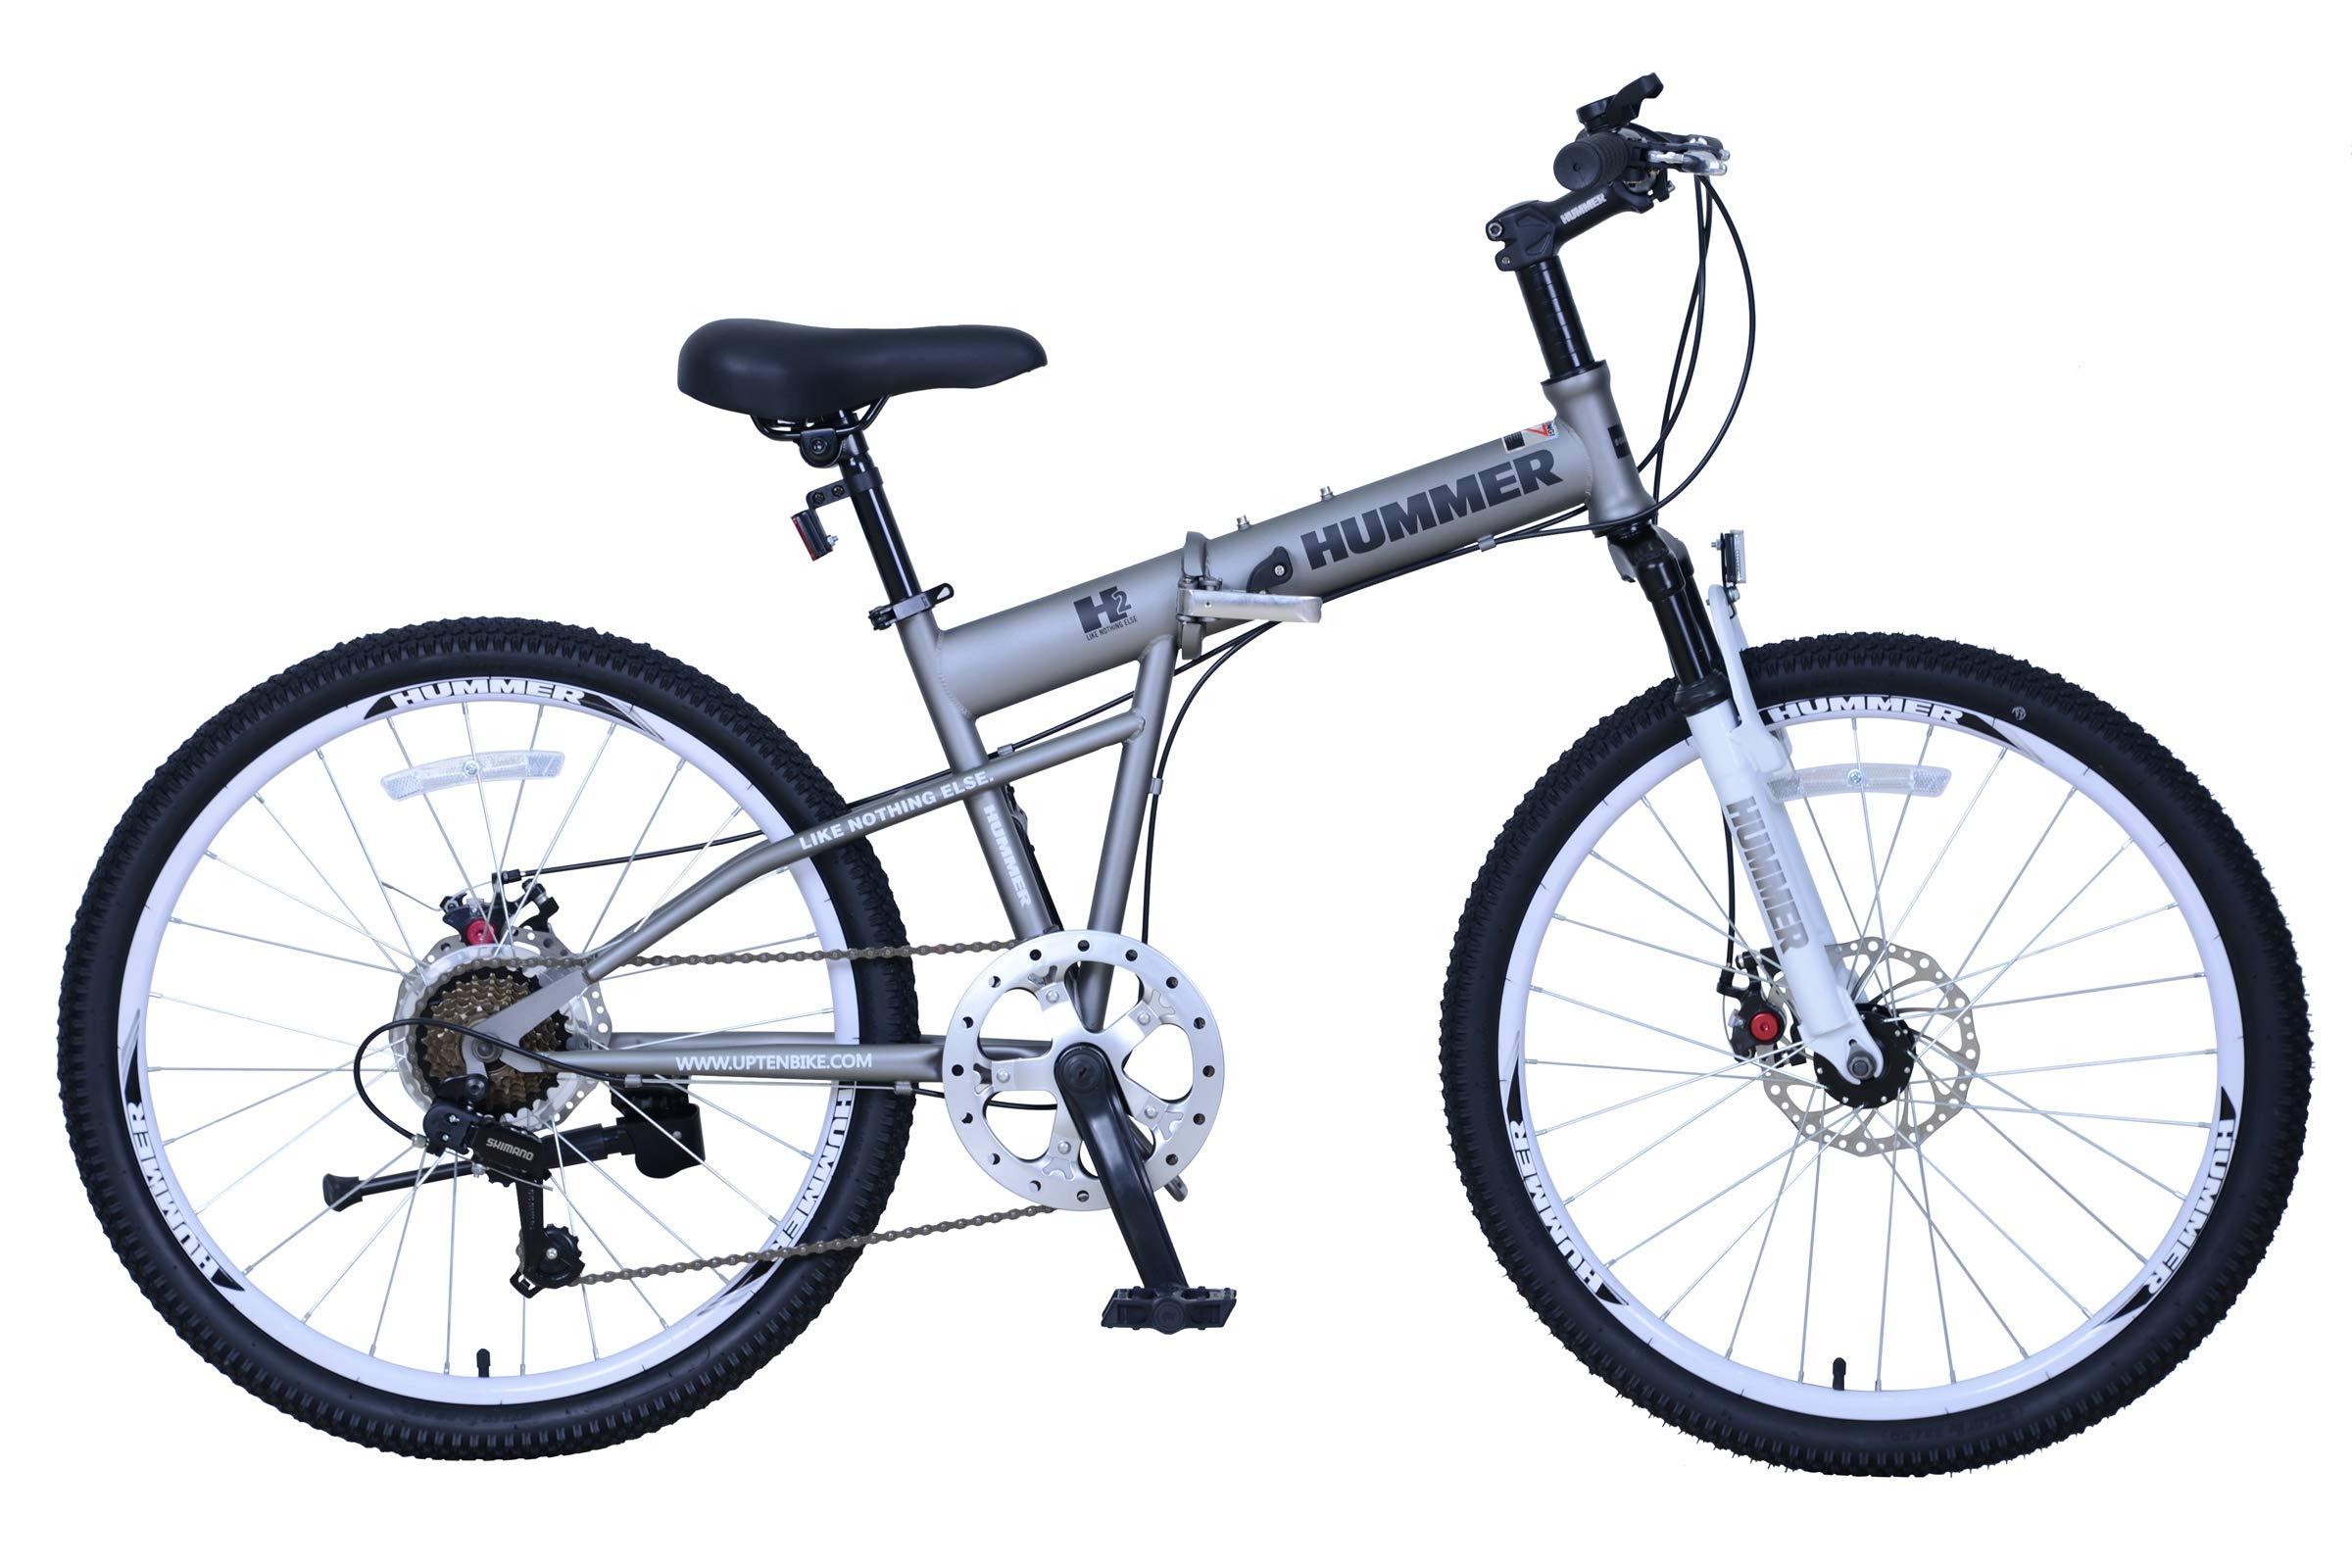 Upten Hummer folding bicycle mountain bike Price in UAE ...   hummer folding bikes